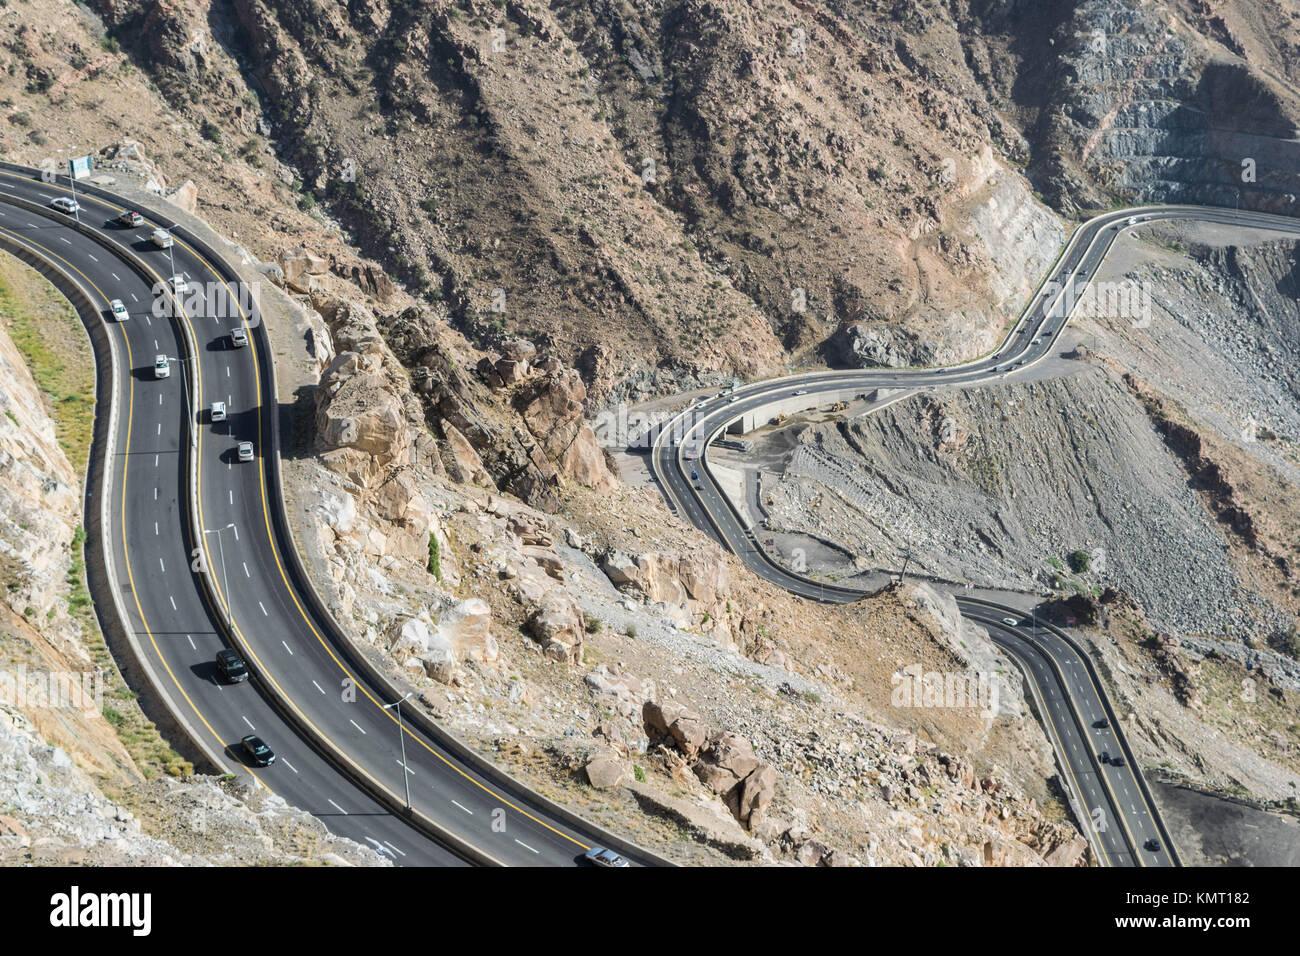 Al Hada montaña en la ciudad de Taif, Arabia Saudita con hermosa vista a las montañas y al hada road inbetween Imagen De Stock